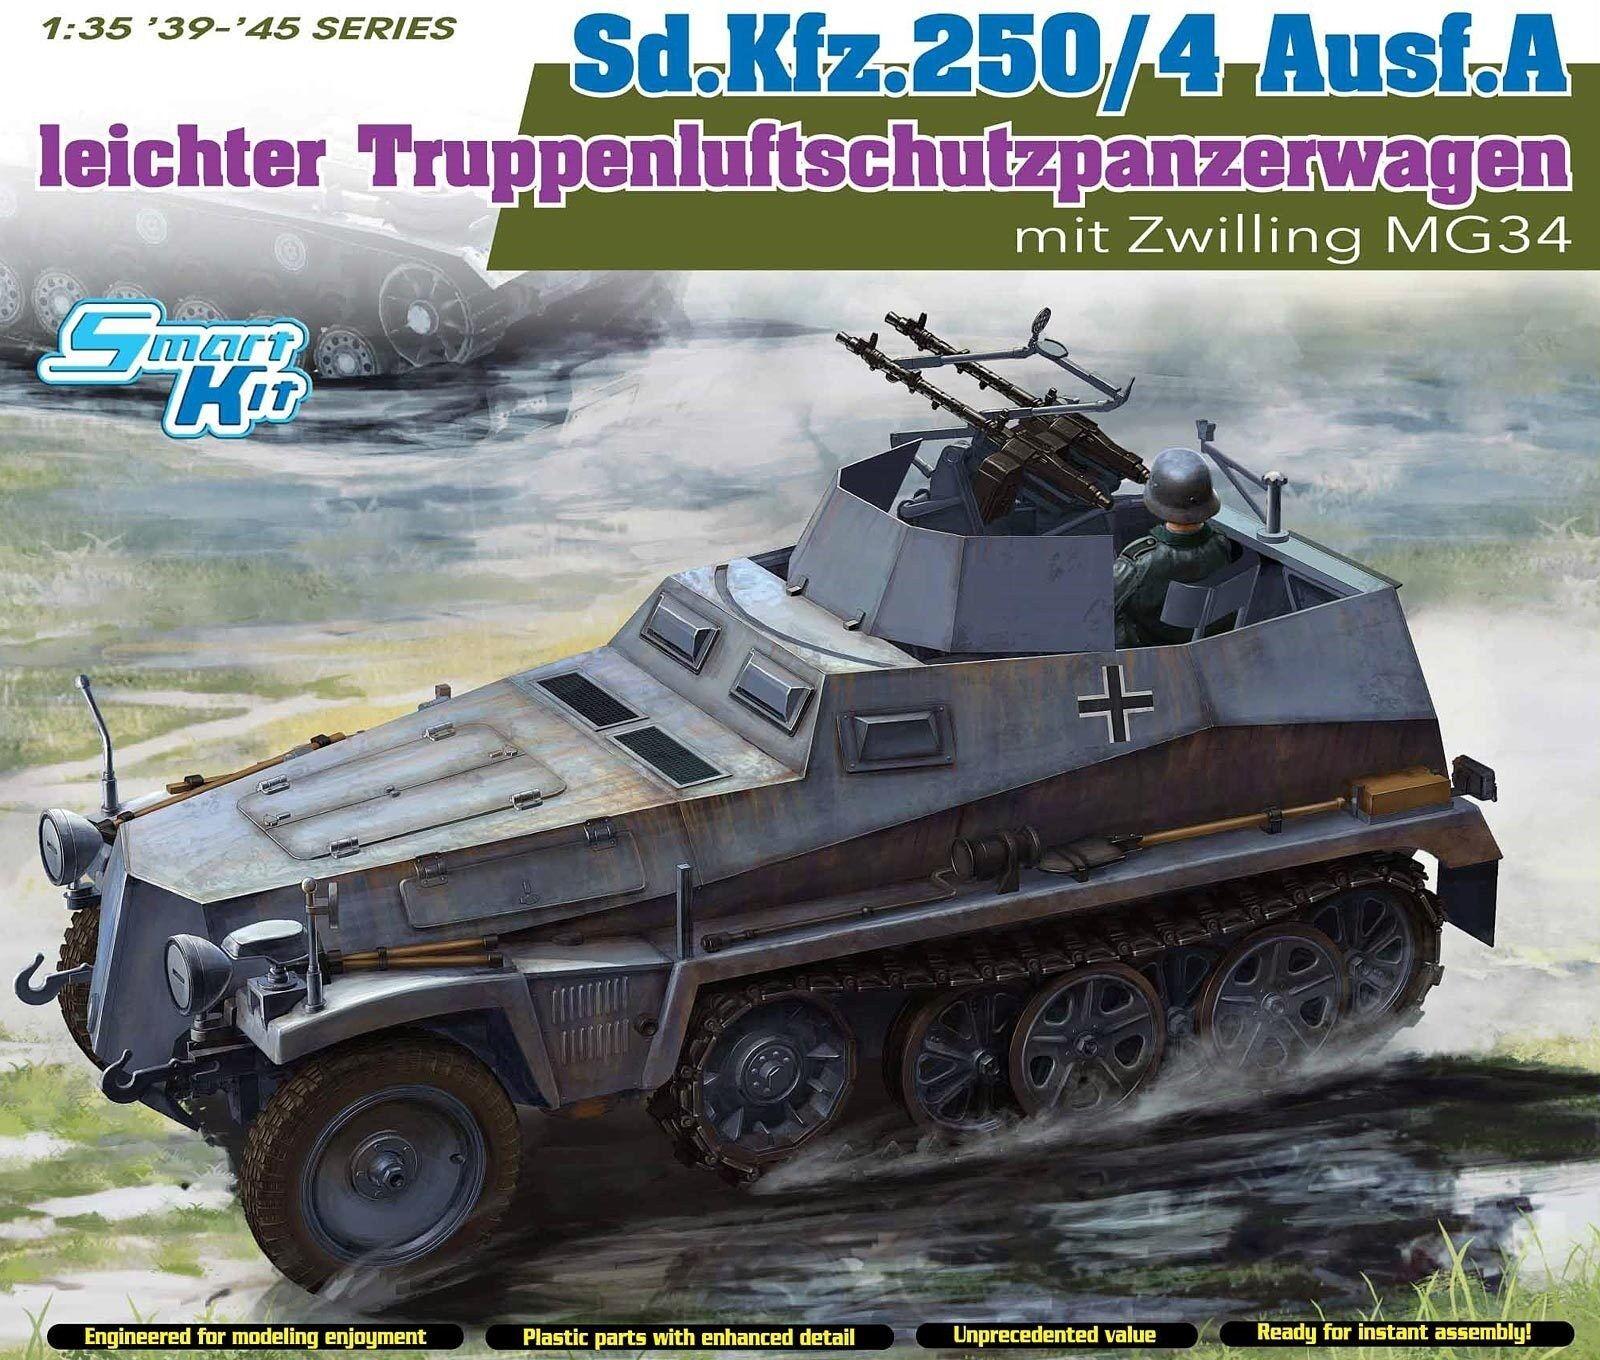 Dragon 1 3 5 6878  Lights truppenluftschutzpanzerwagen sd.kfz.250 4 Ausf A